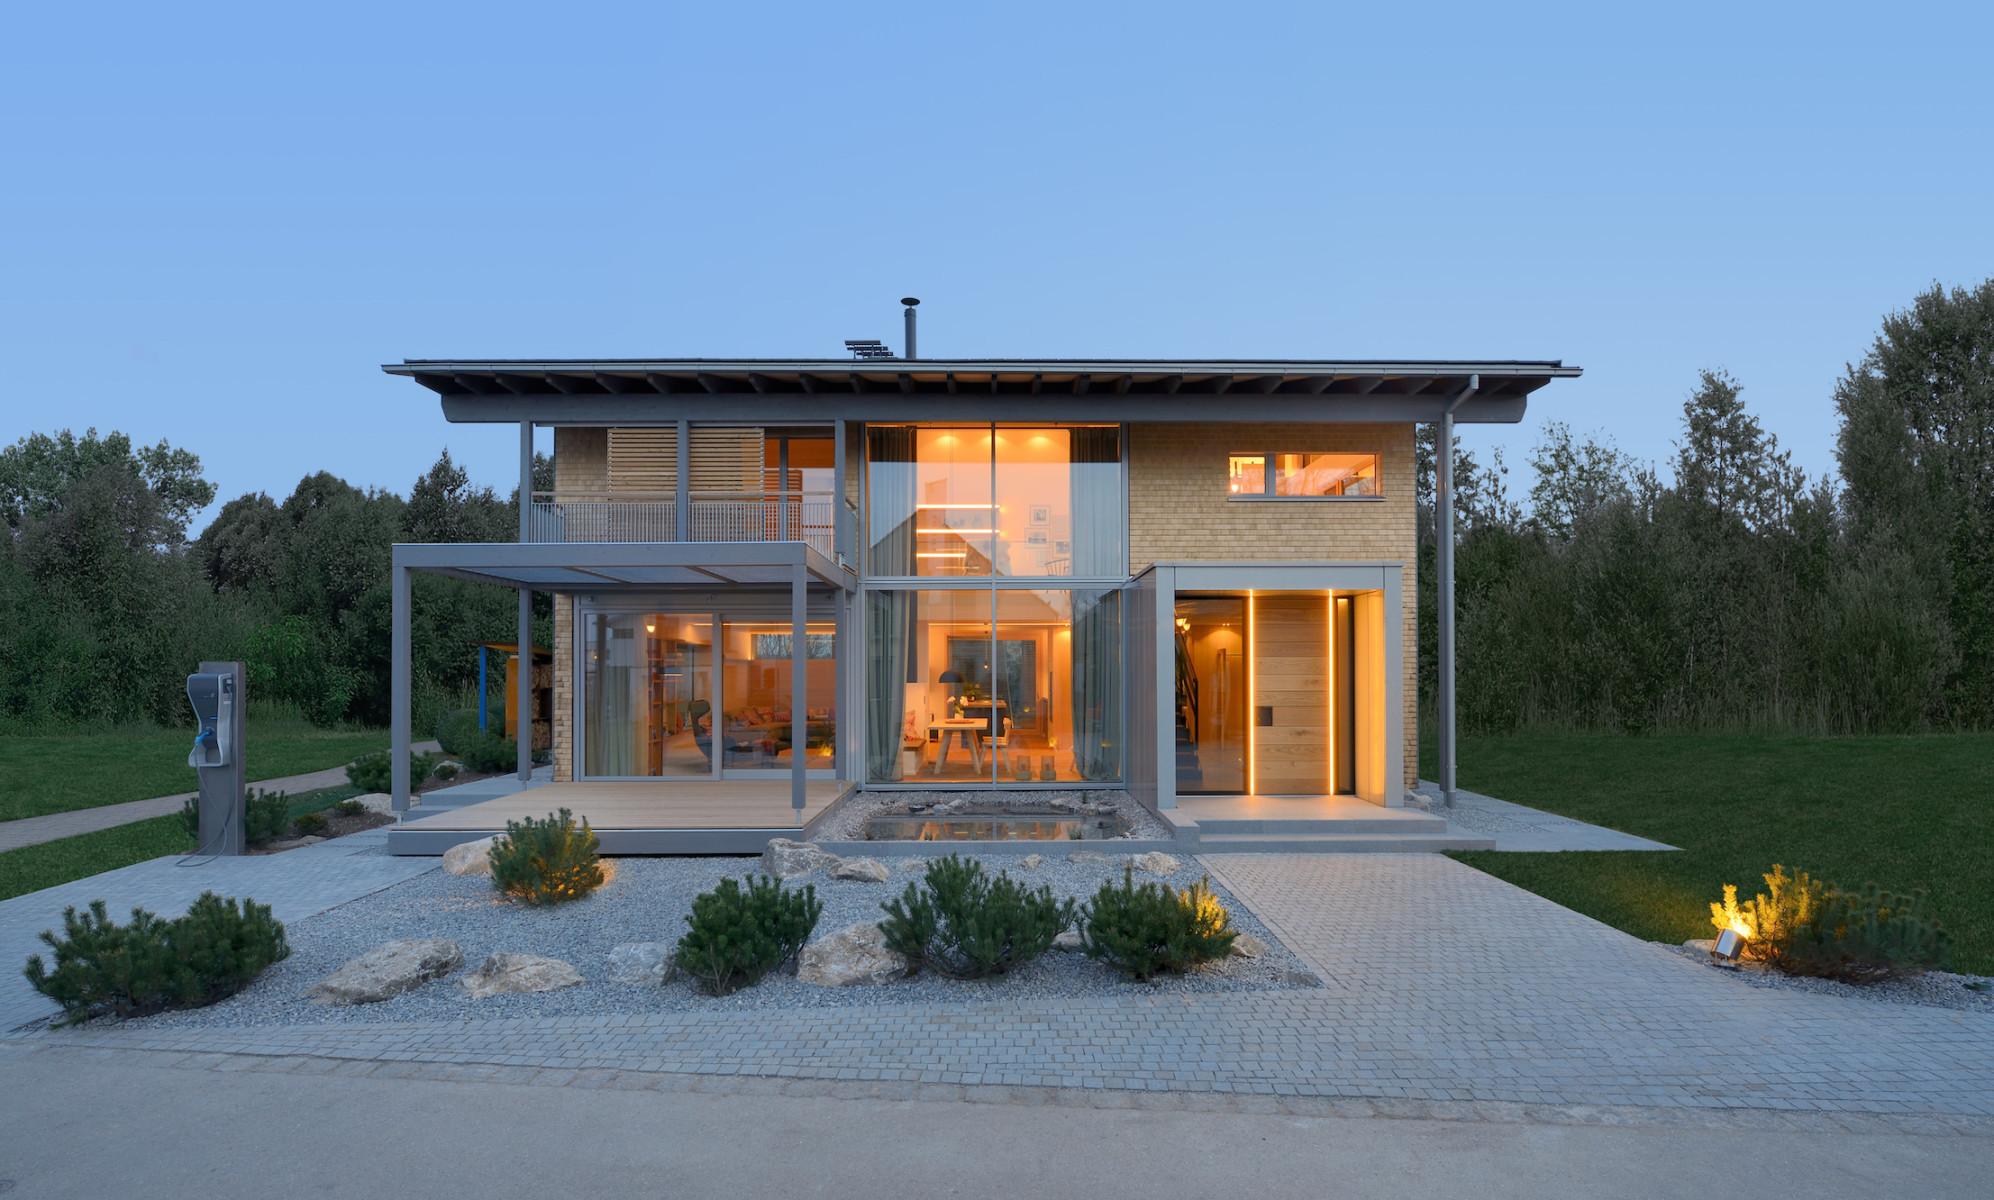 Haus Planen  Wir planen und bauen unser Haus Hausbau